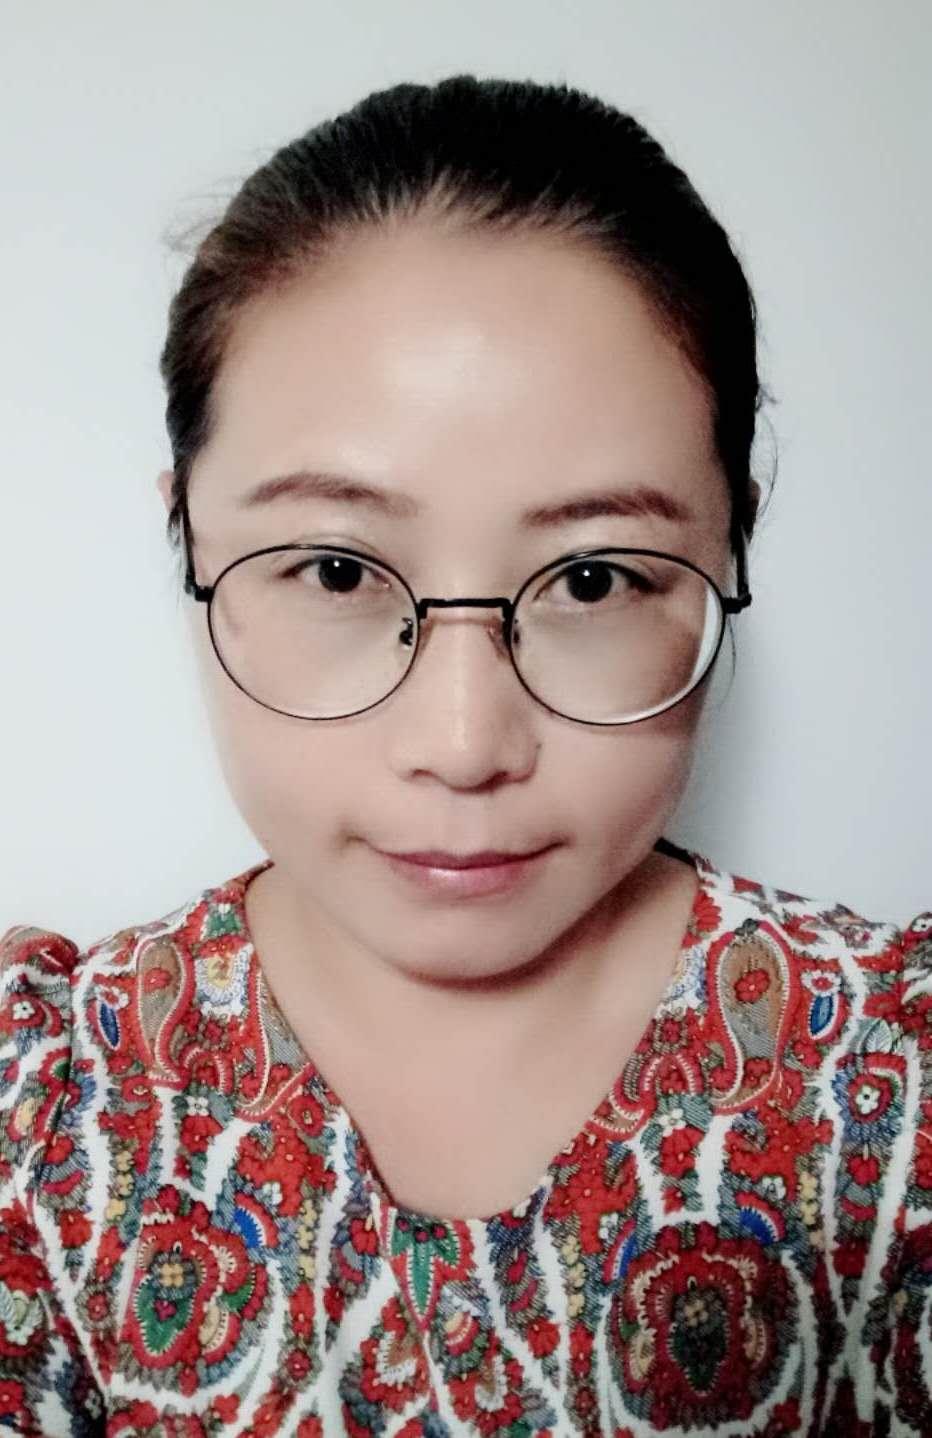 韩女士个人简历